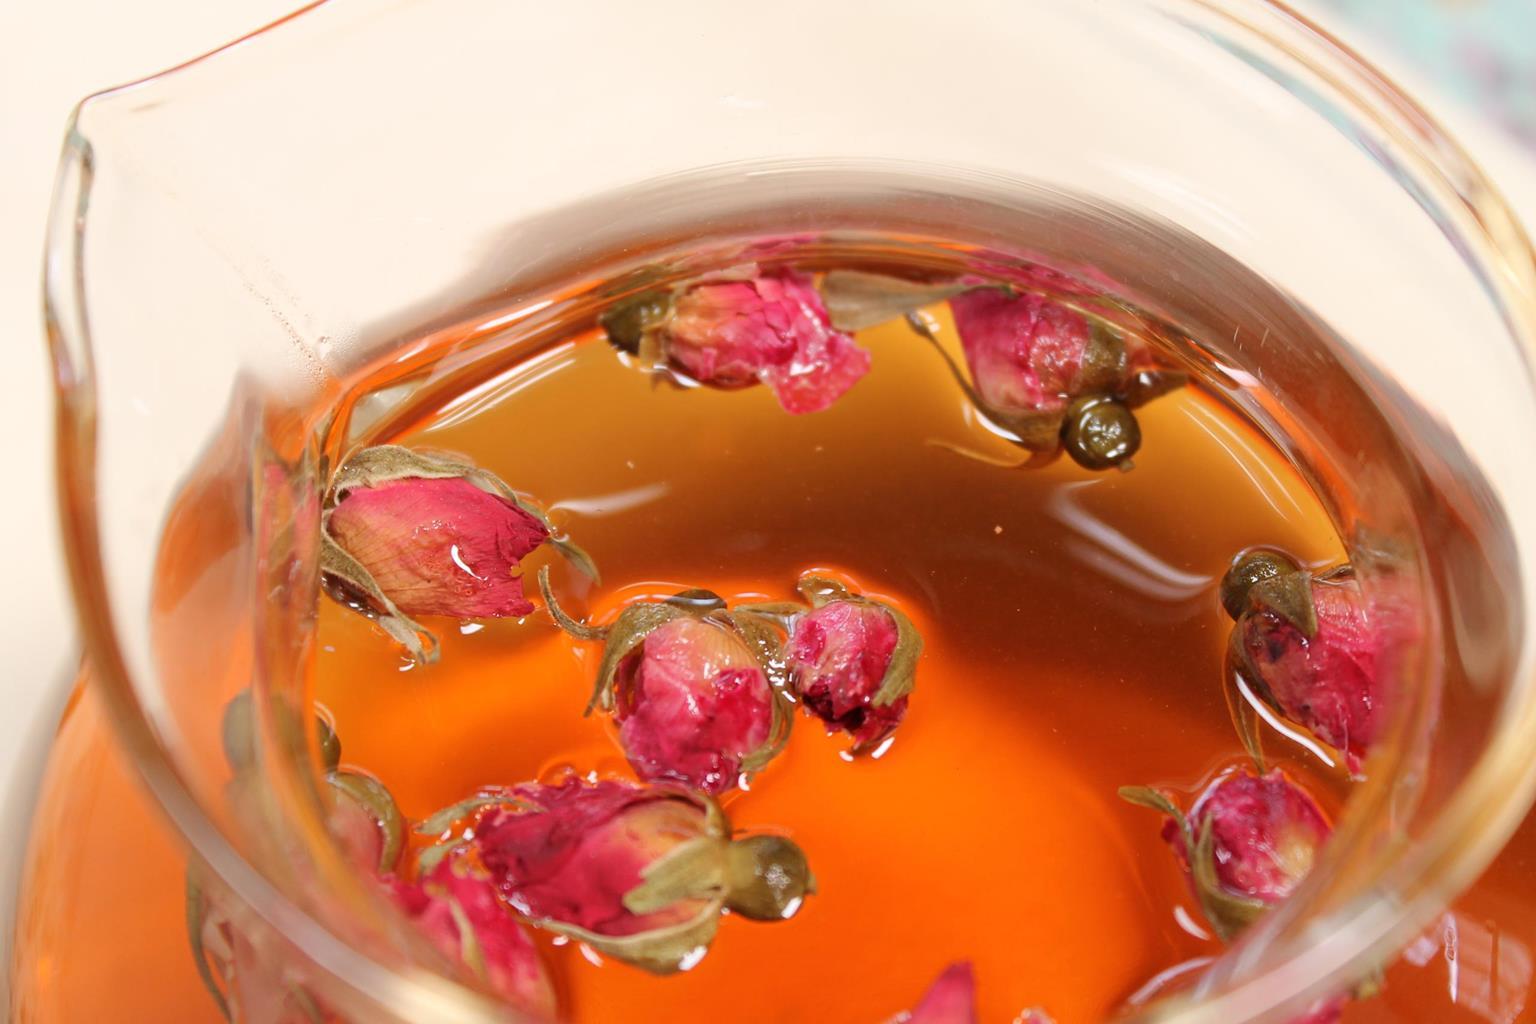 玫瑰屬於性甘微苦、溫、無毒,入肝脾二經,具行氣解鬱、和血止痛。網圖